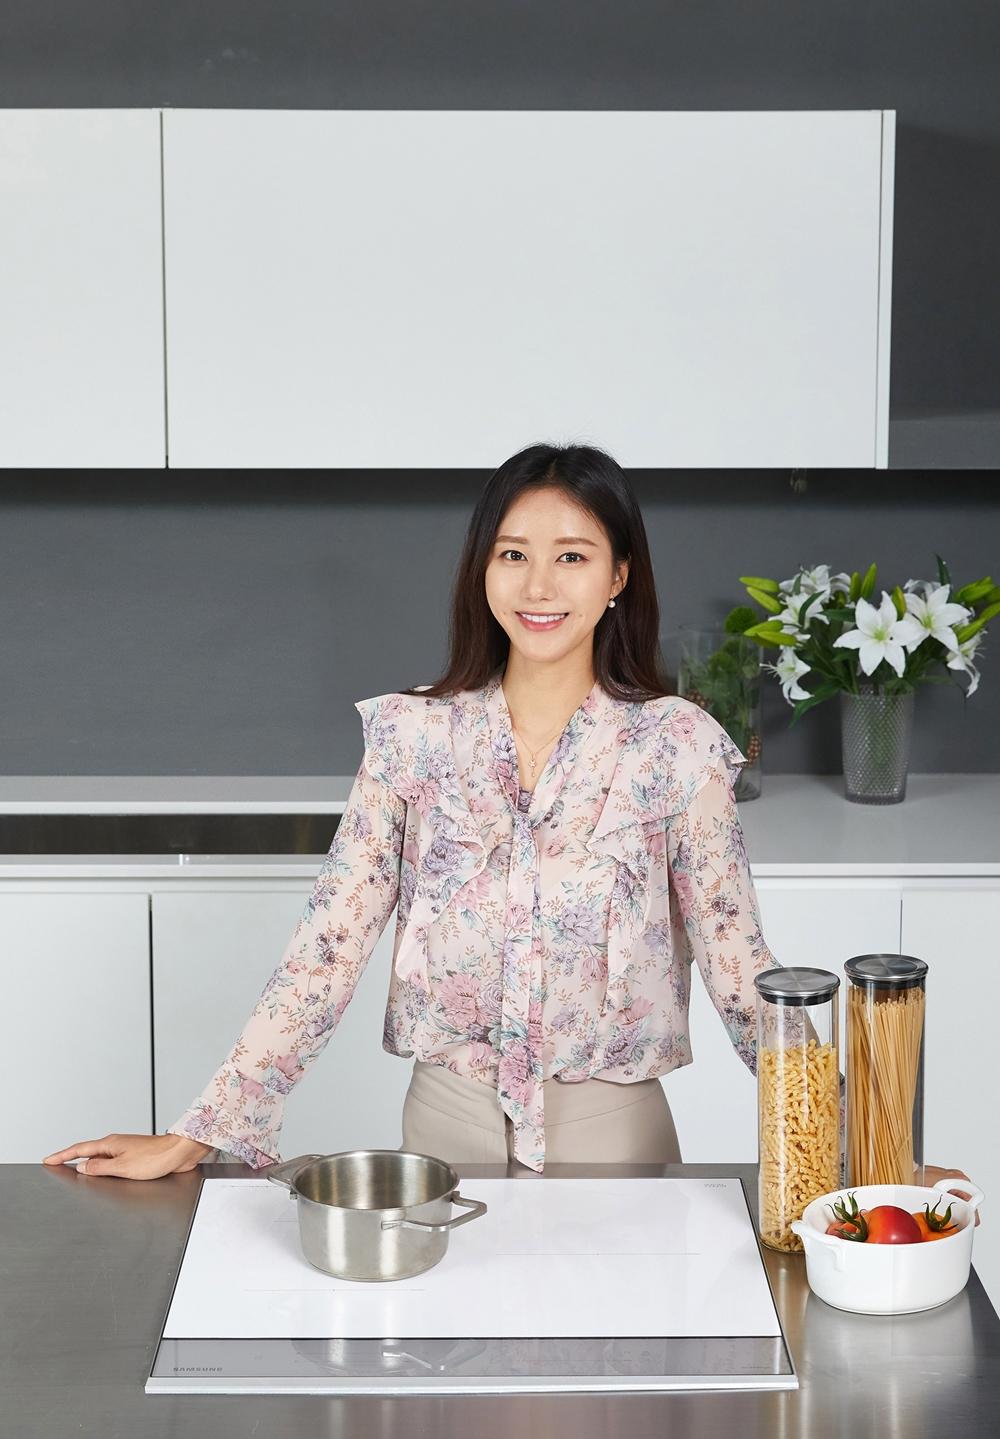 삼성전자, 비스포크 색상 입은 '올 인덕션' 신제품 출시(4)